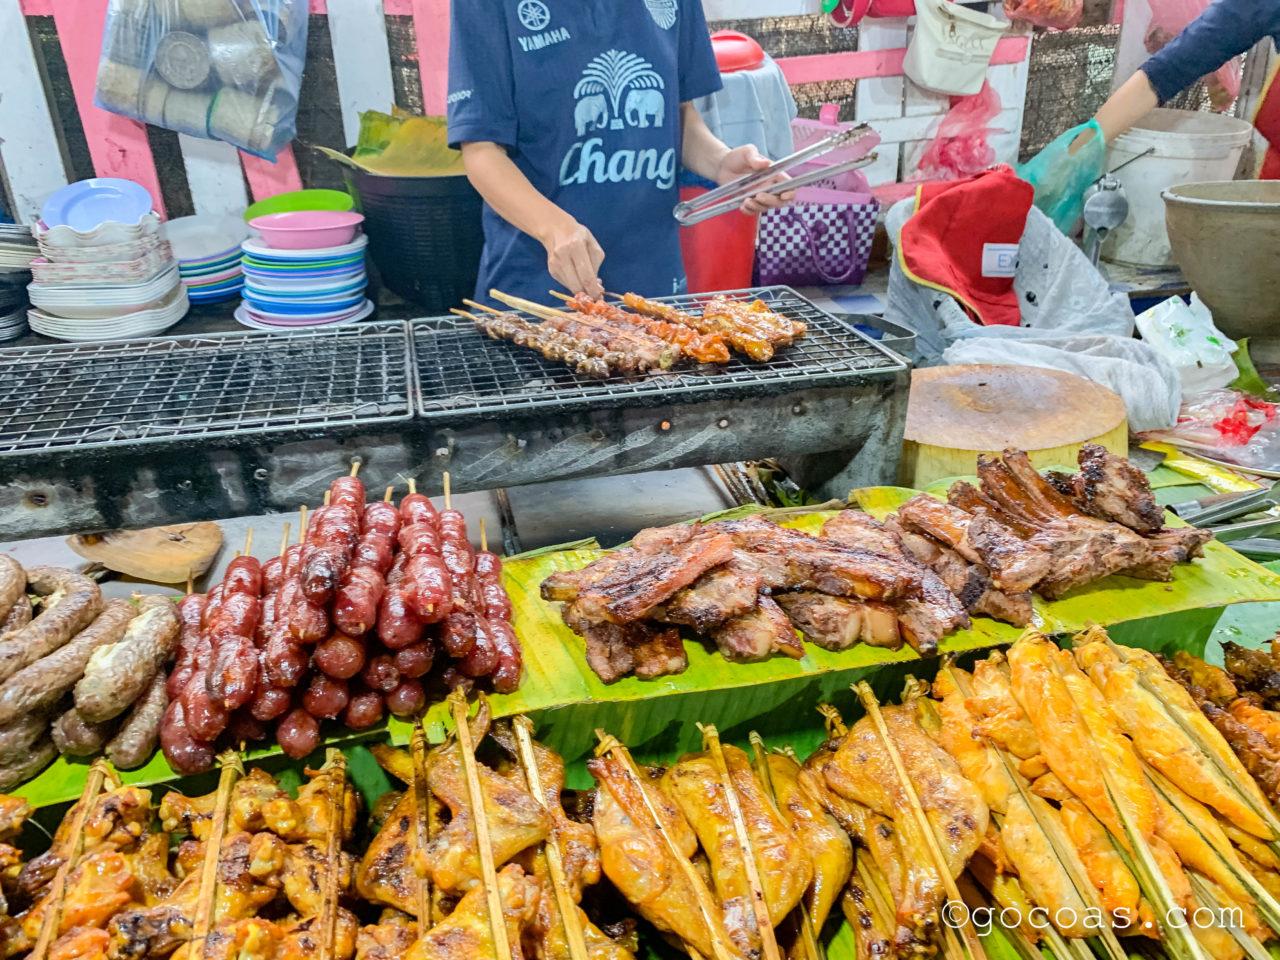 ルアンパバーンのナイトマーケットの飲食コーナーに並ぶ串焼きの屋台